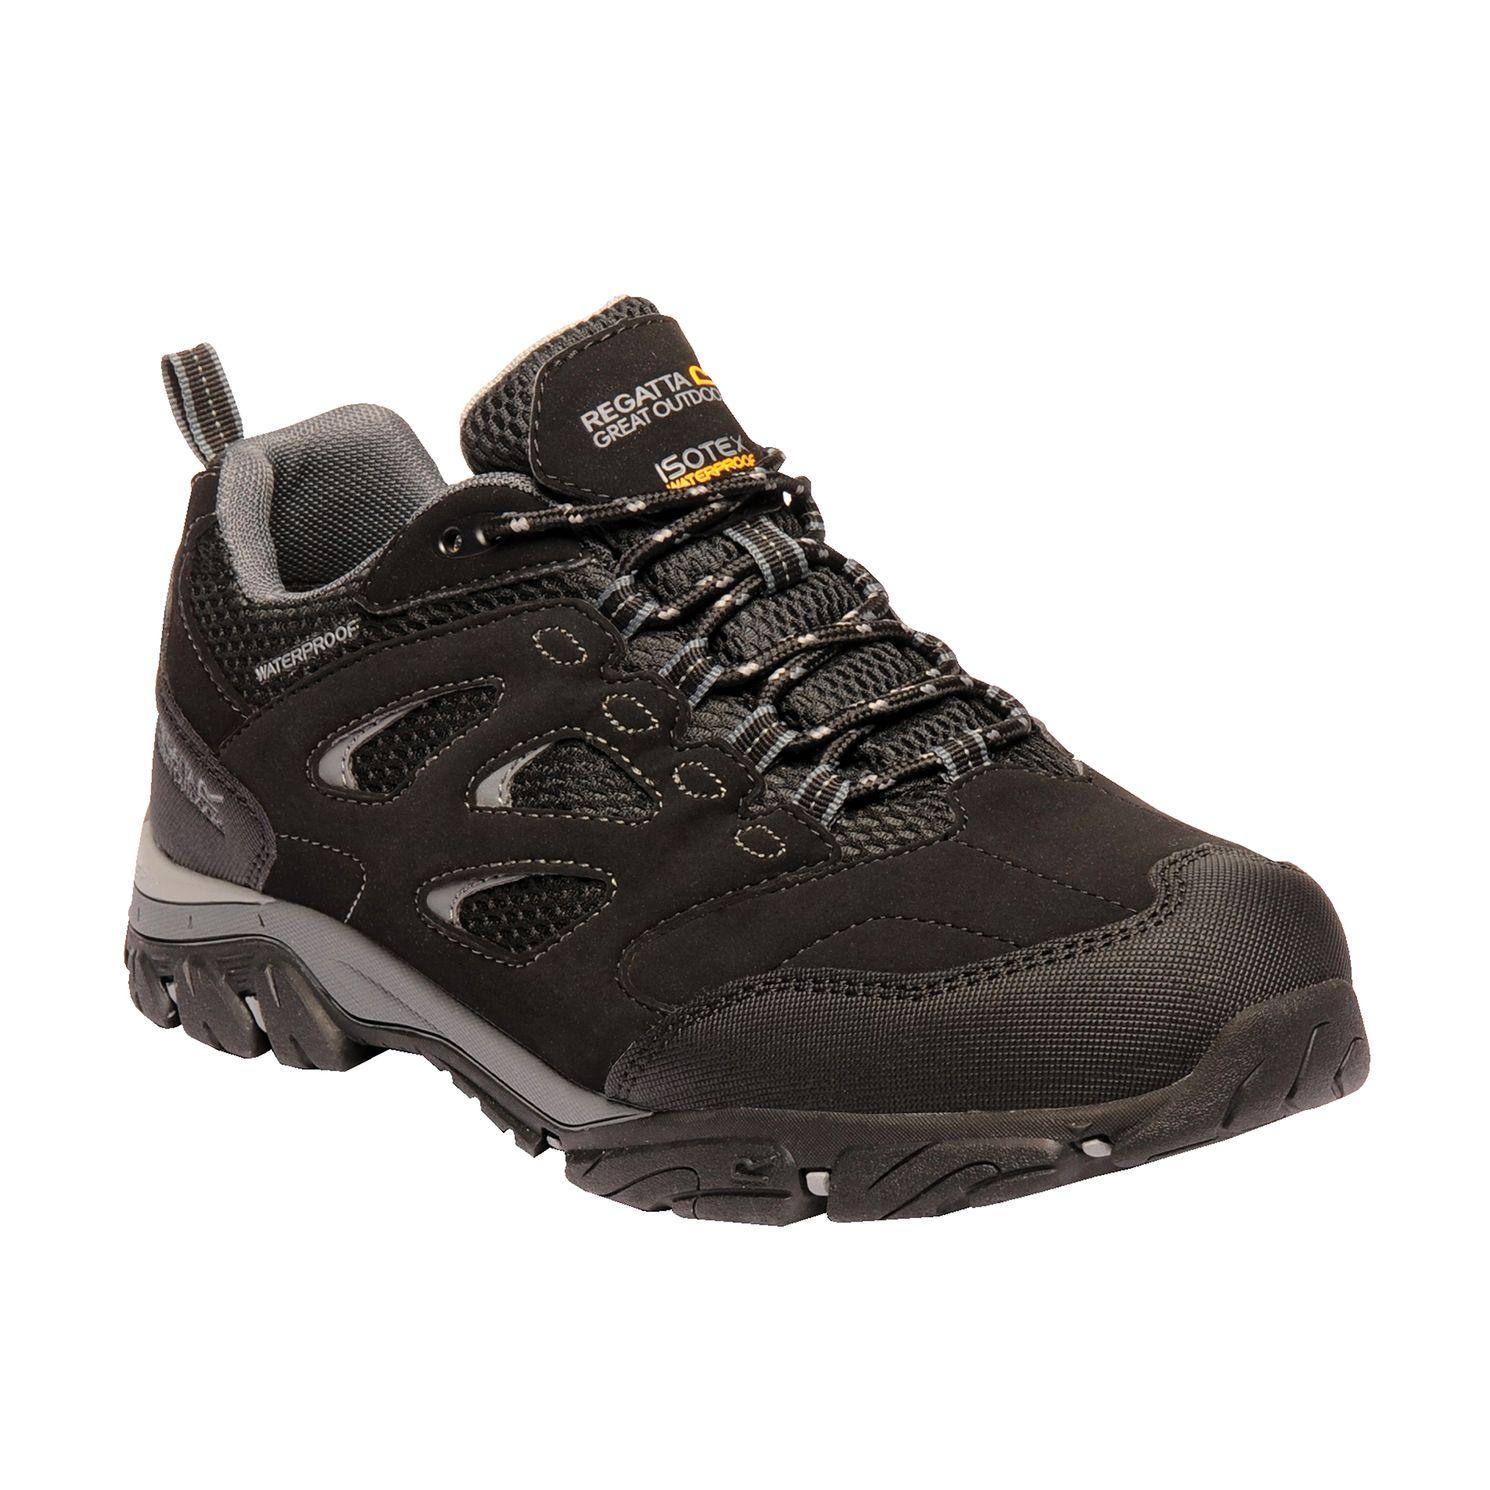 Men's black walking shoe with grey detailing.